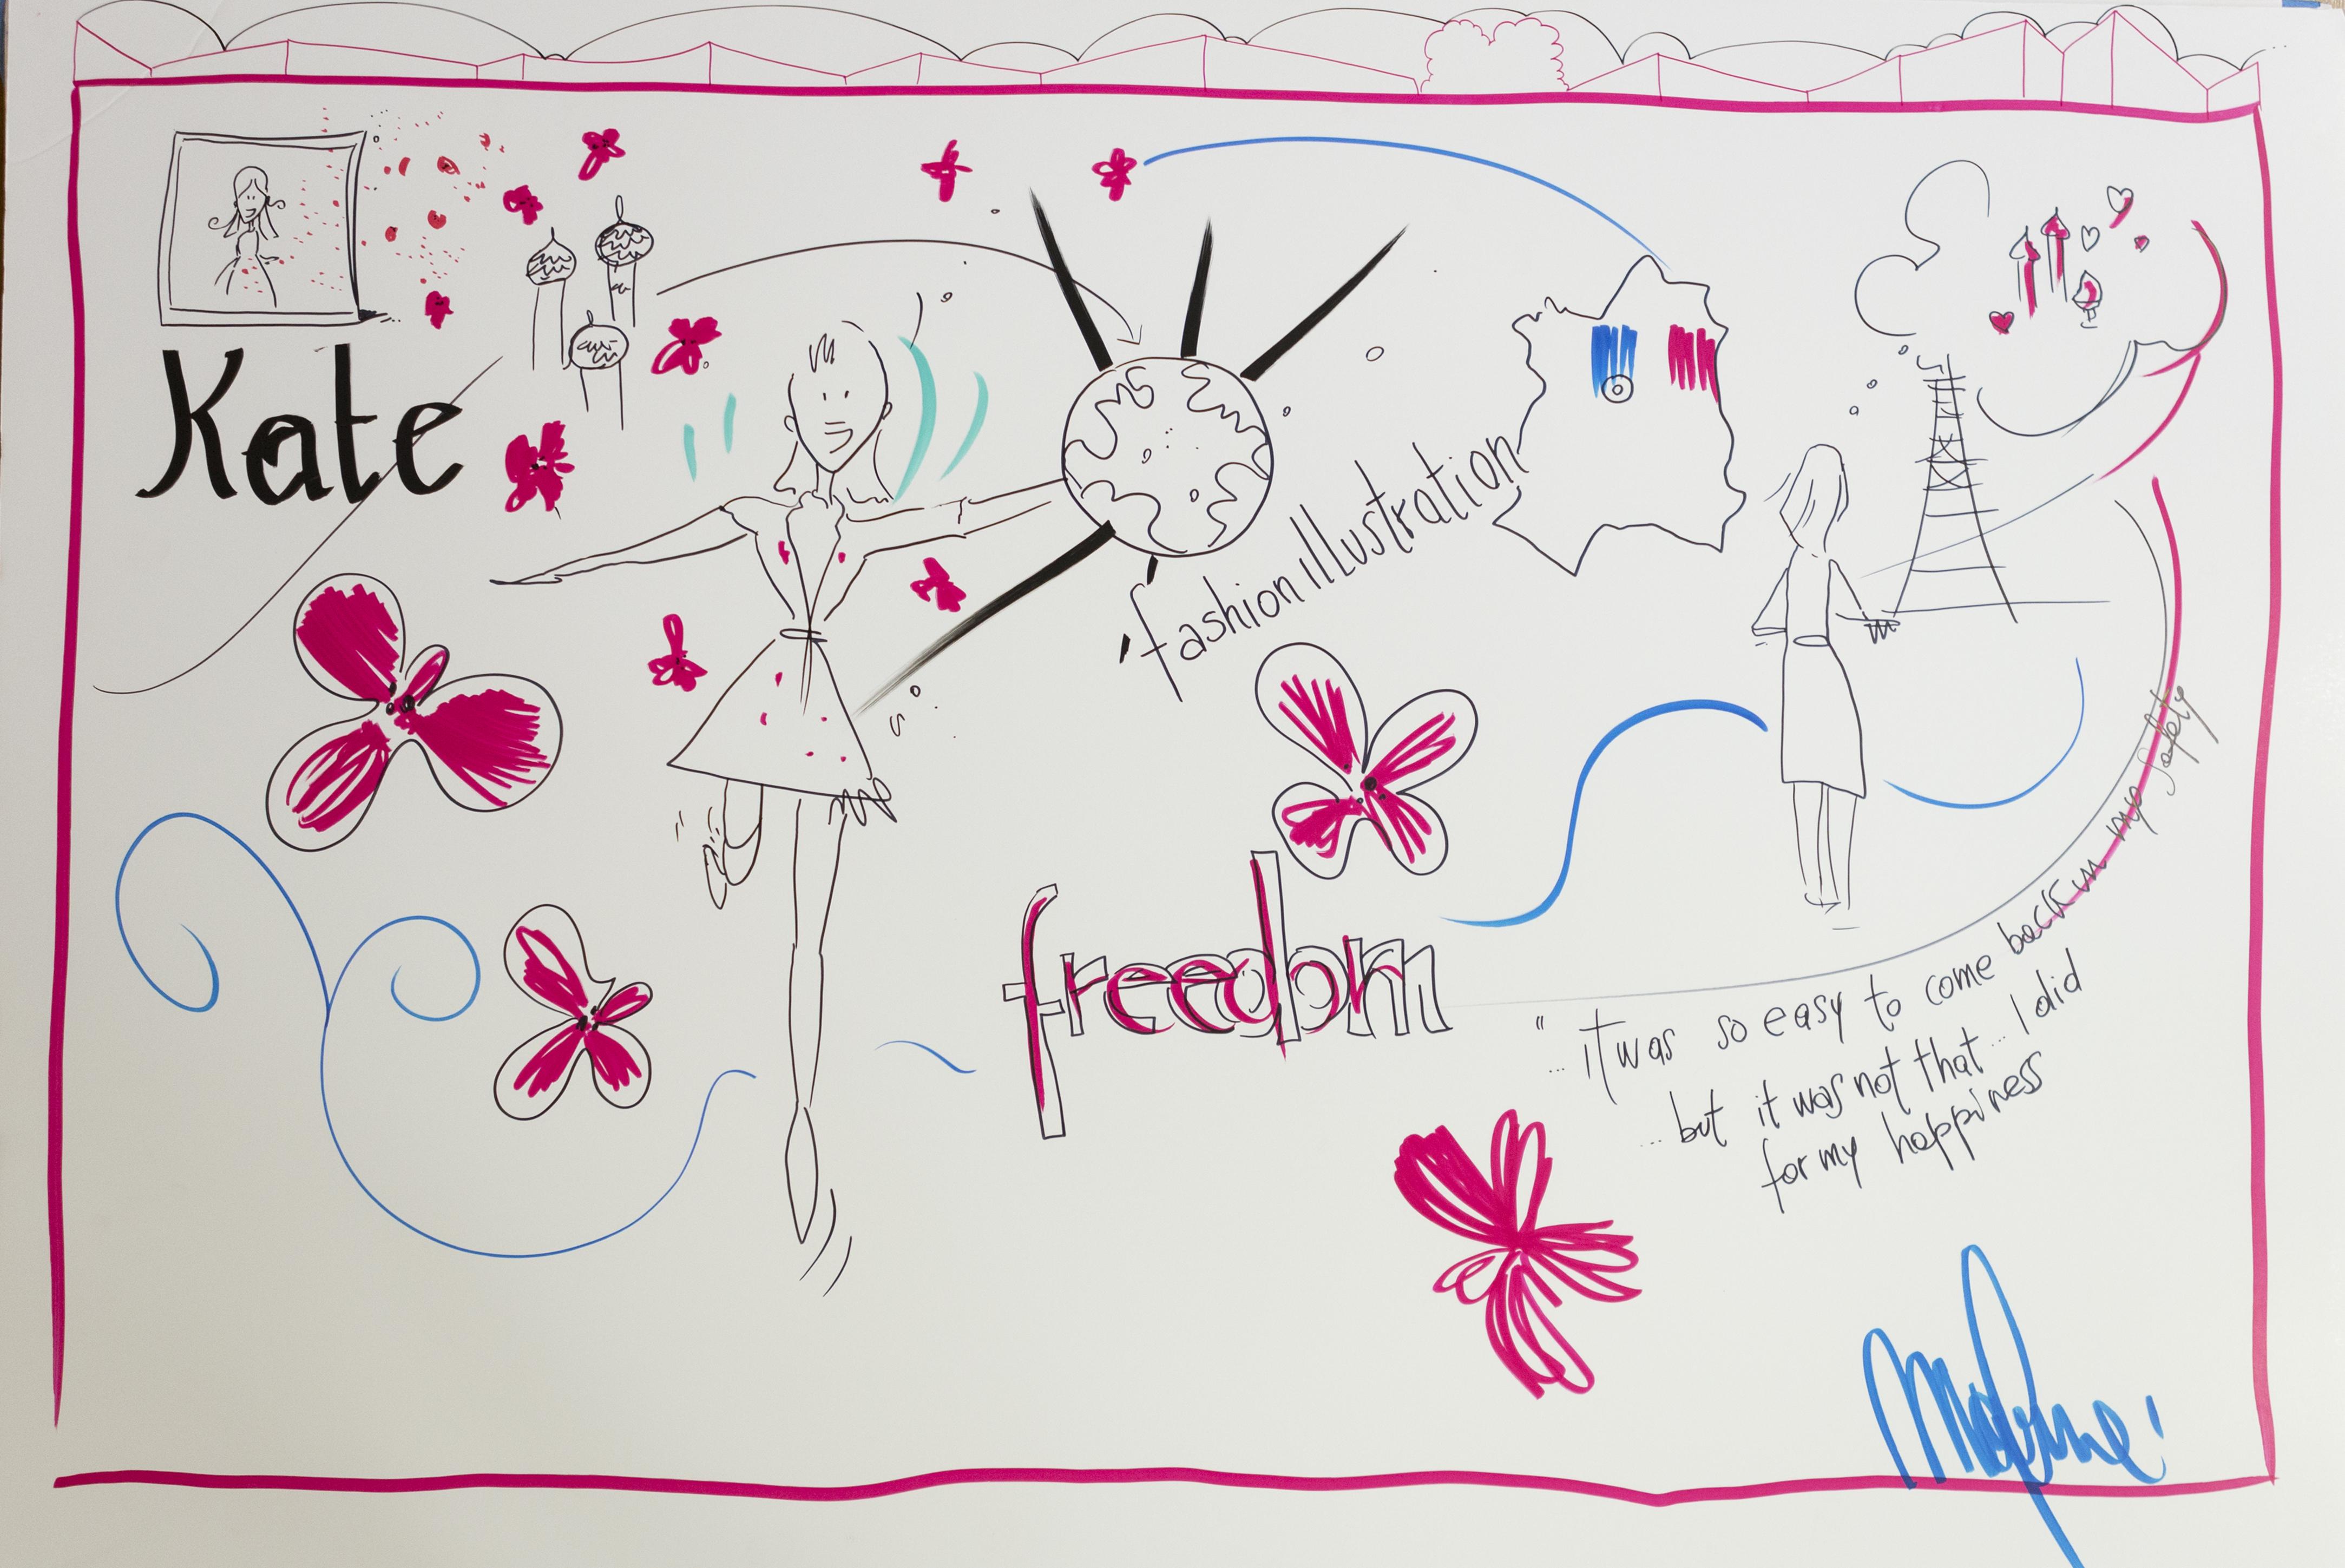 TEDX TORVERGATAU_disegniIMG_1348